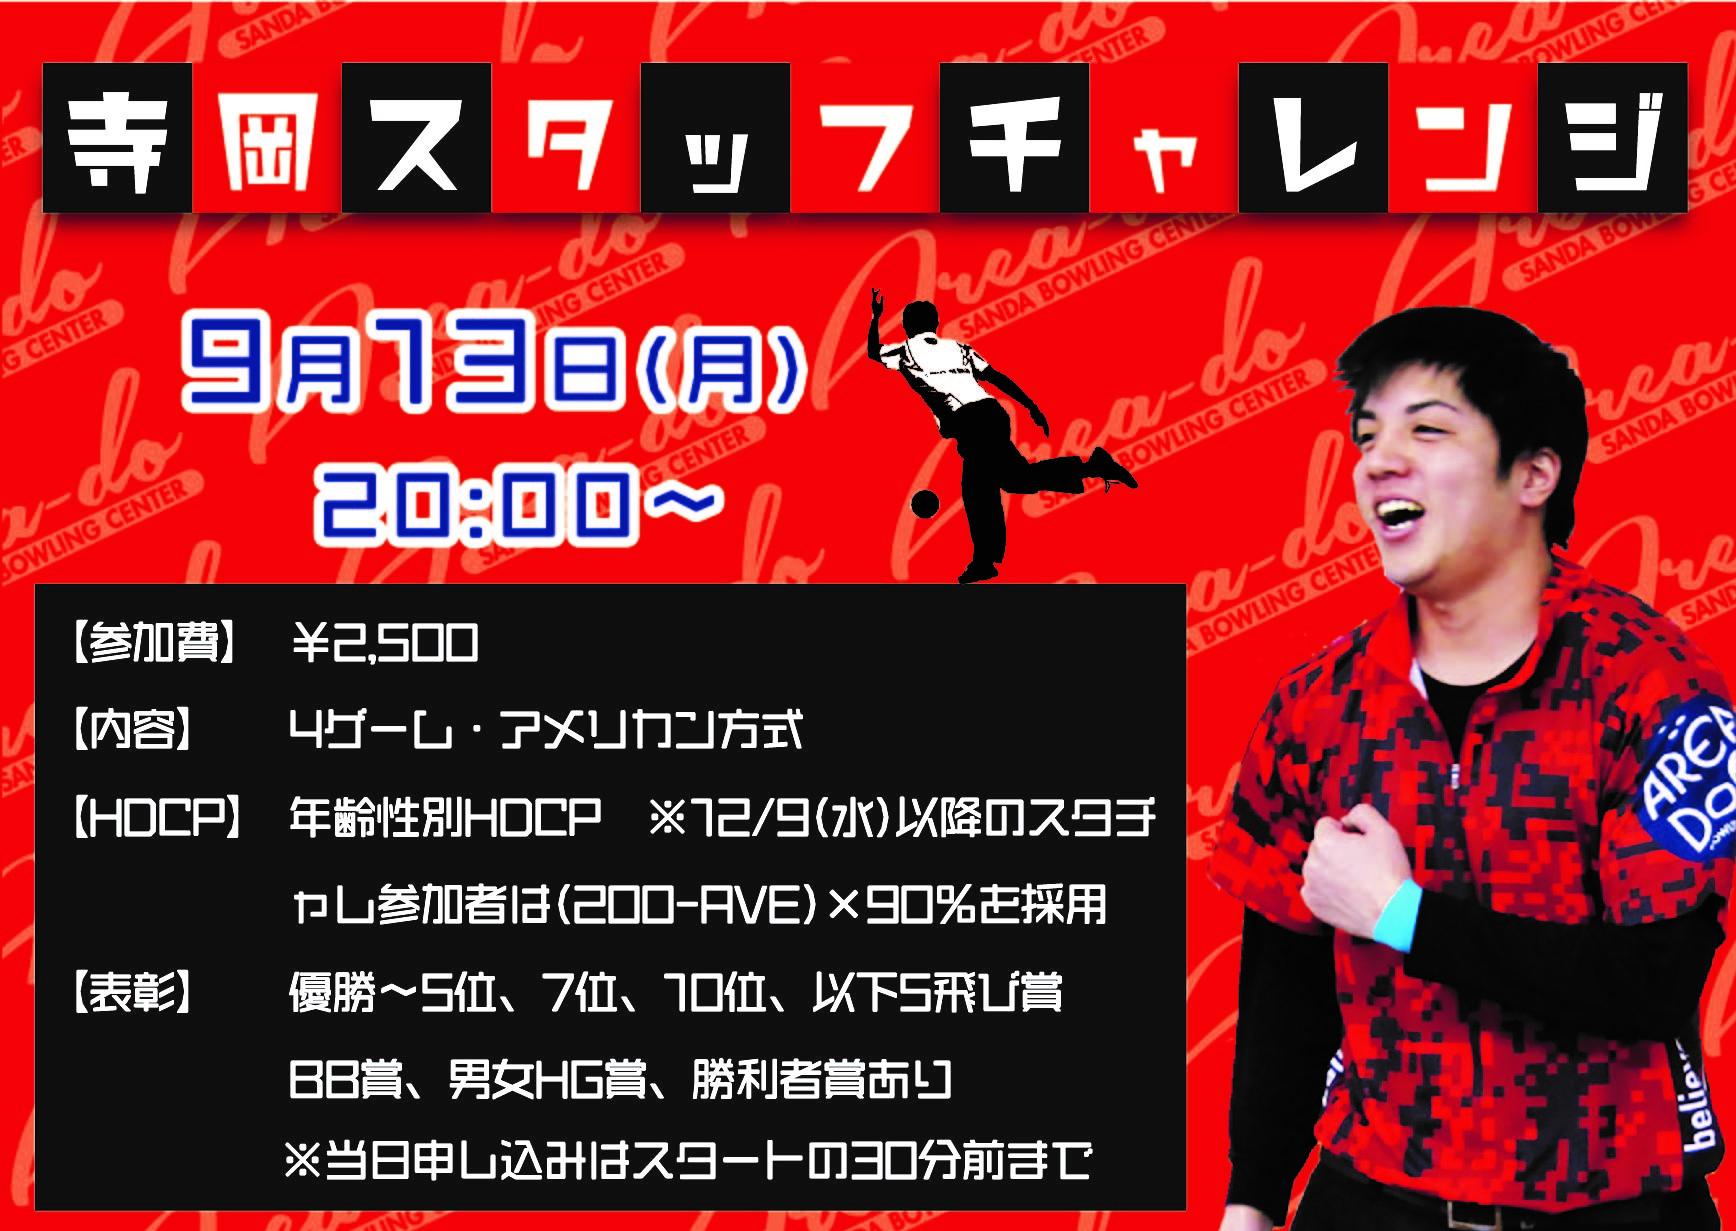 寺岡チャレンジヨコ2109